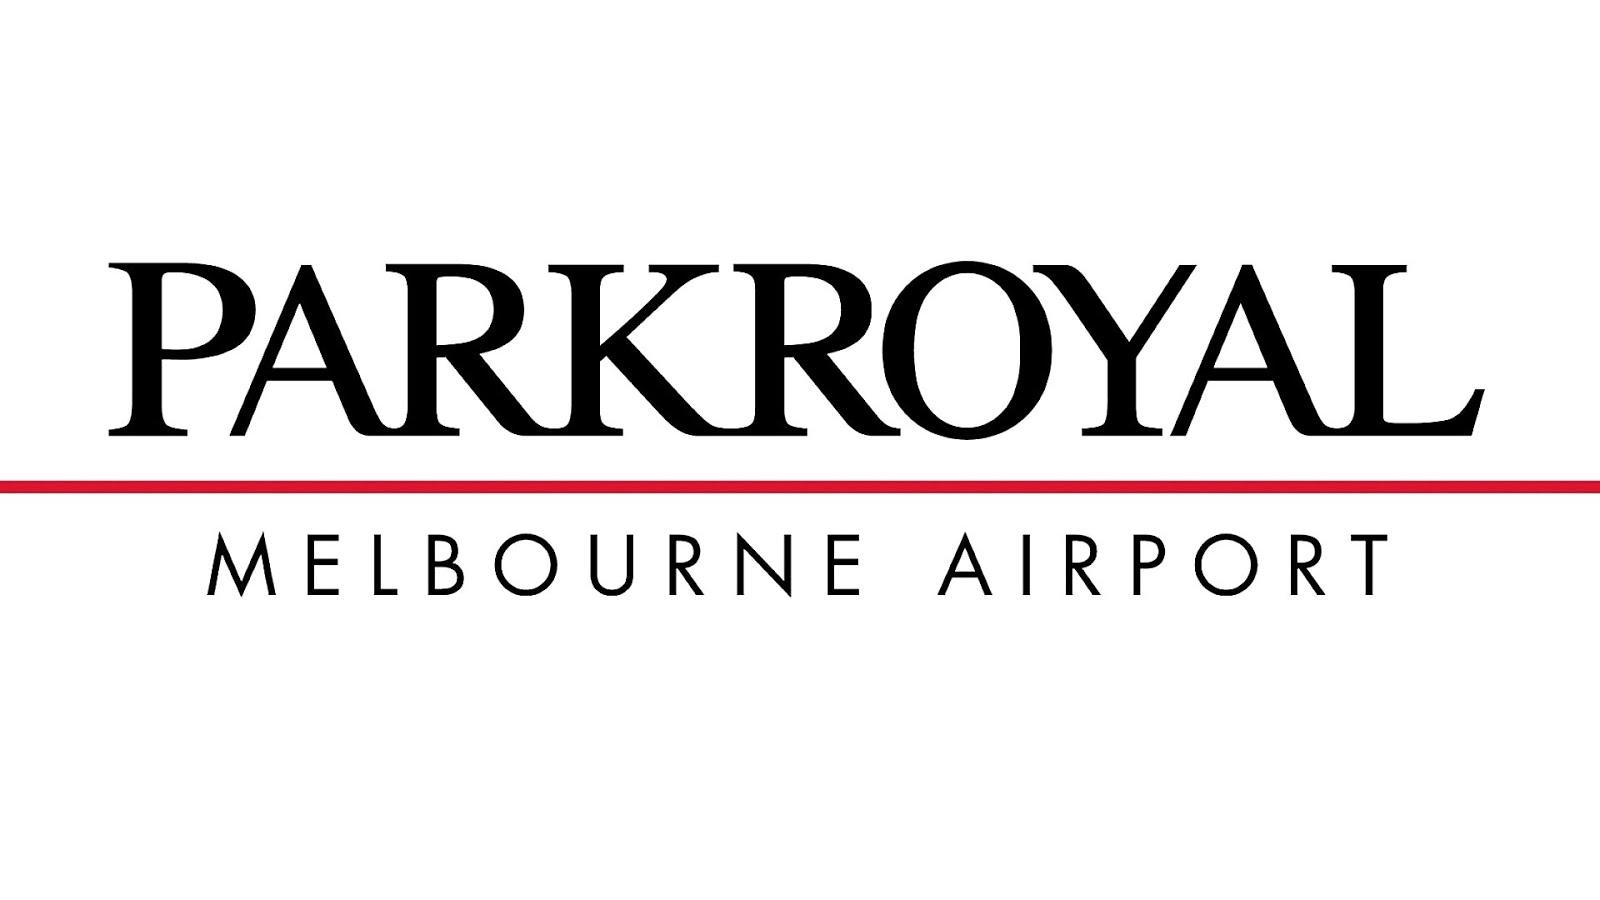 Parkroyal Airport Melbourne